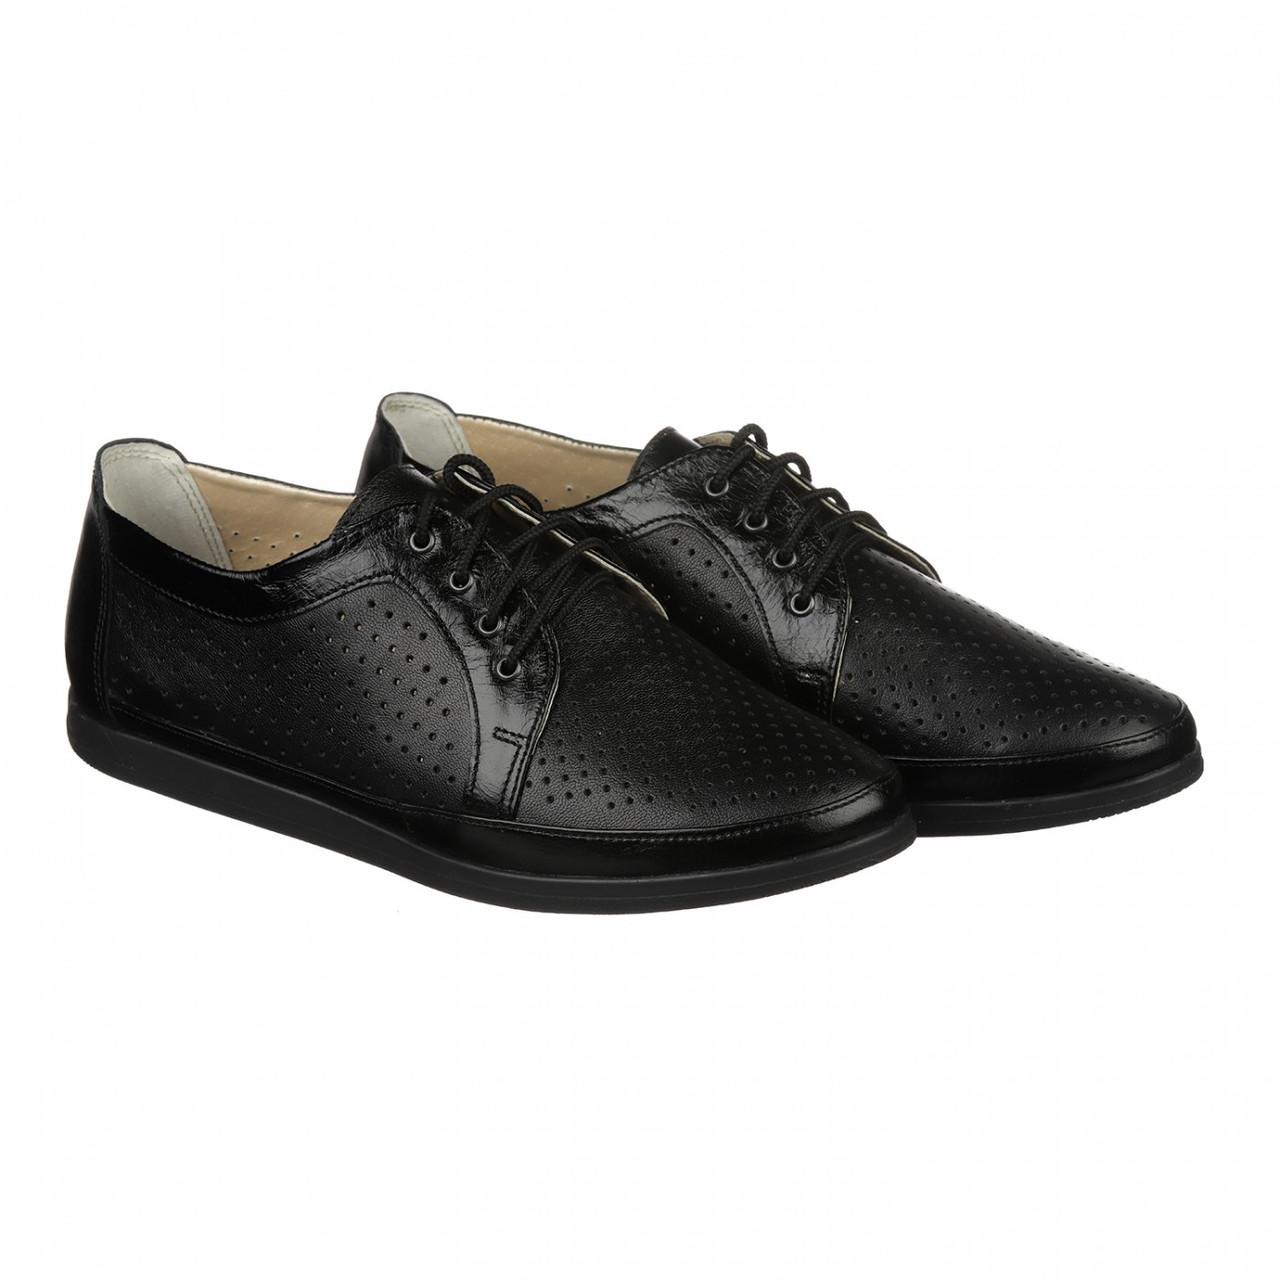 Чорні туфлі з перфорацією - Интернет-магазин